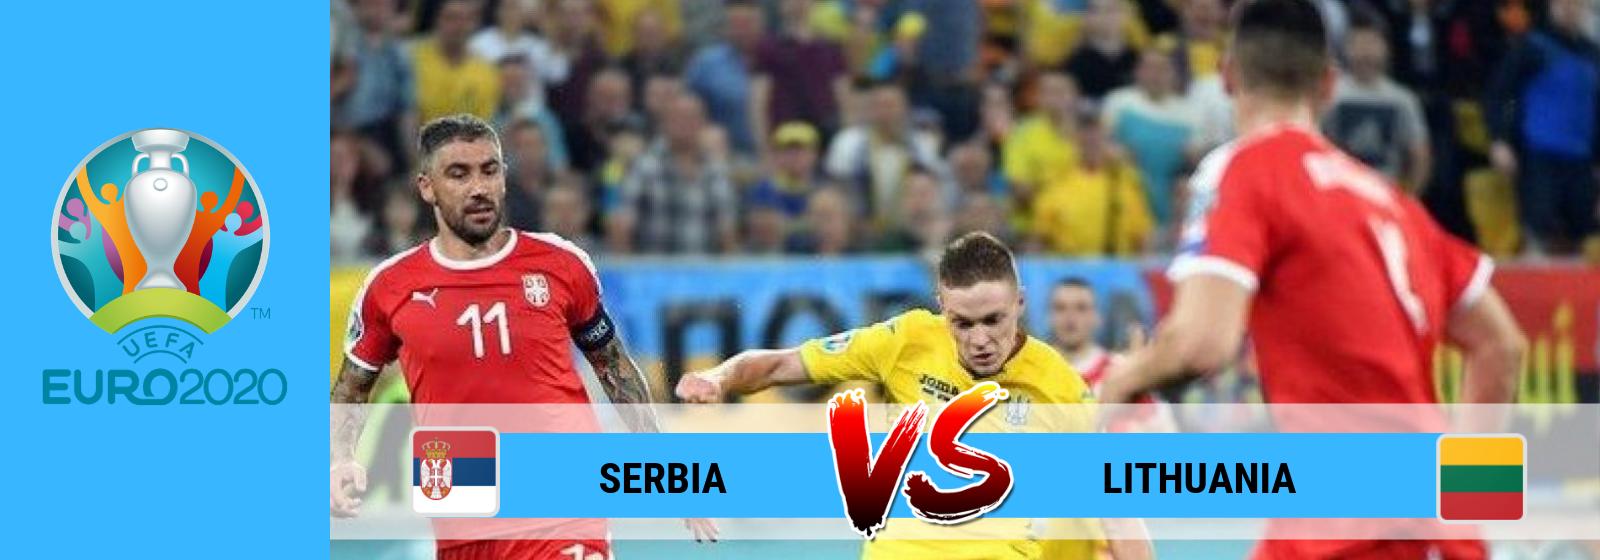 UEFA Euro 2020 Serbia vs Lithuania Asian Connect